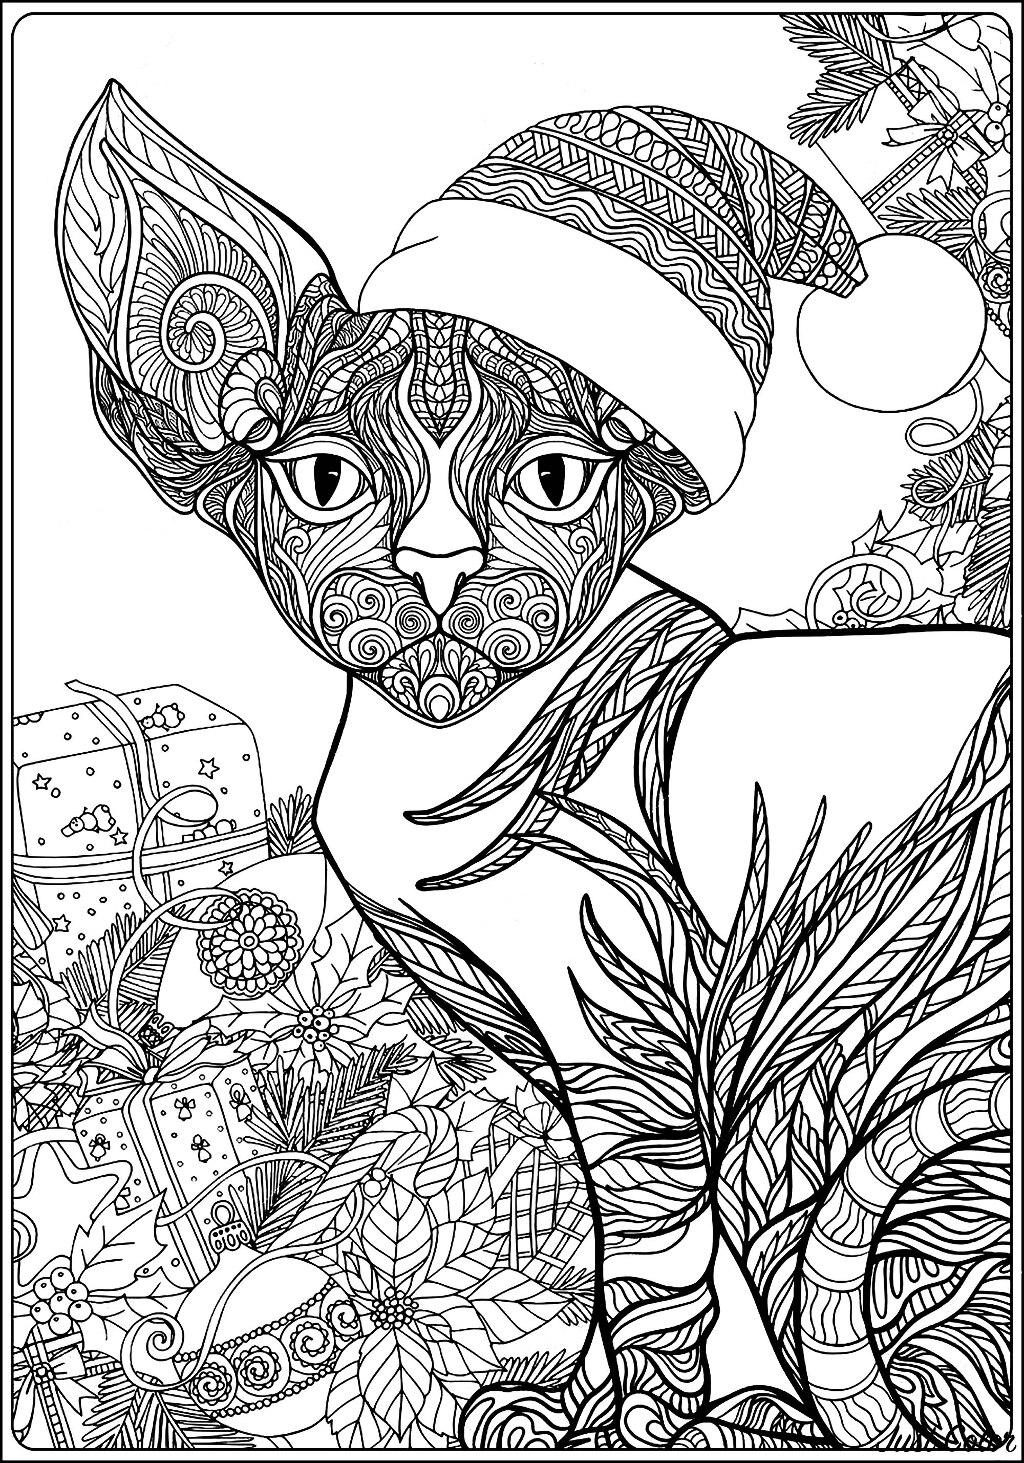 Un Chat (Sphynx), protégeant de nombreux cadeaux de Noël